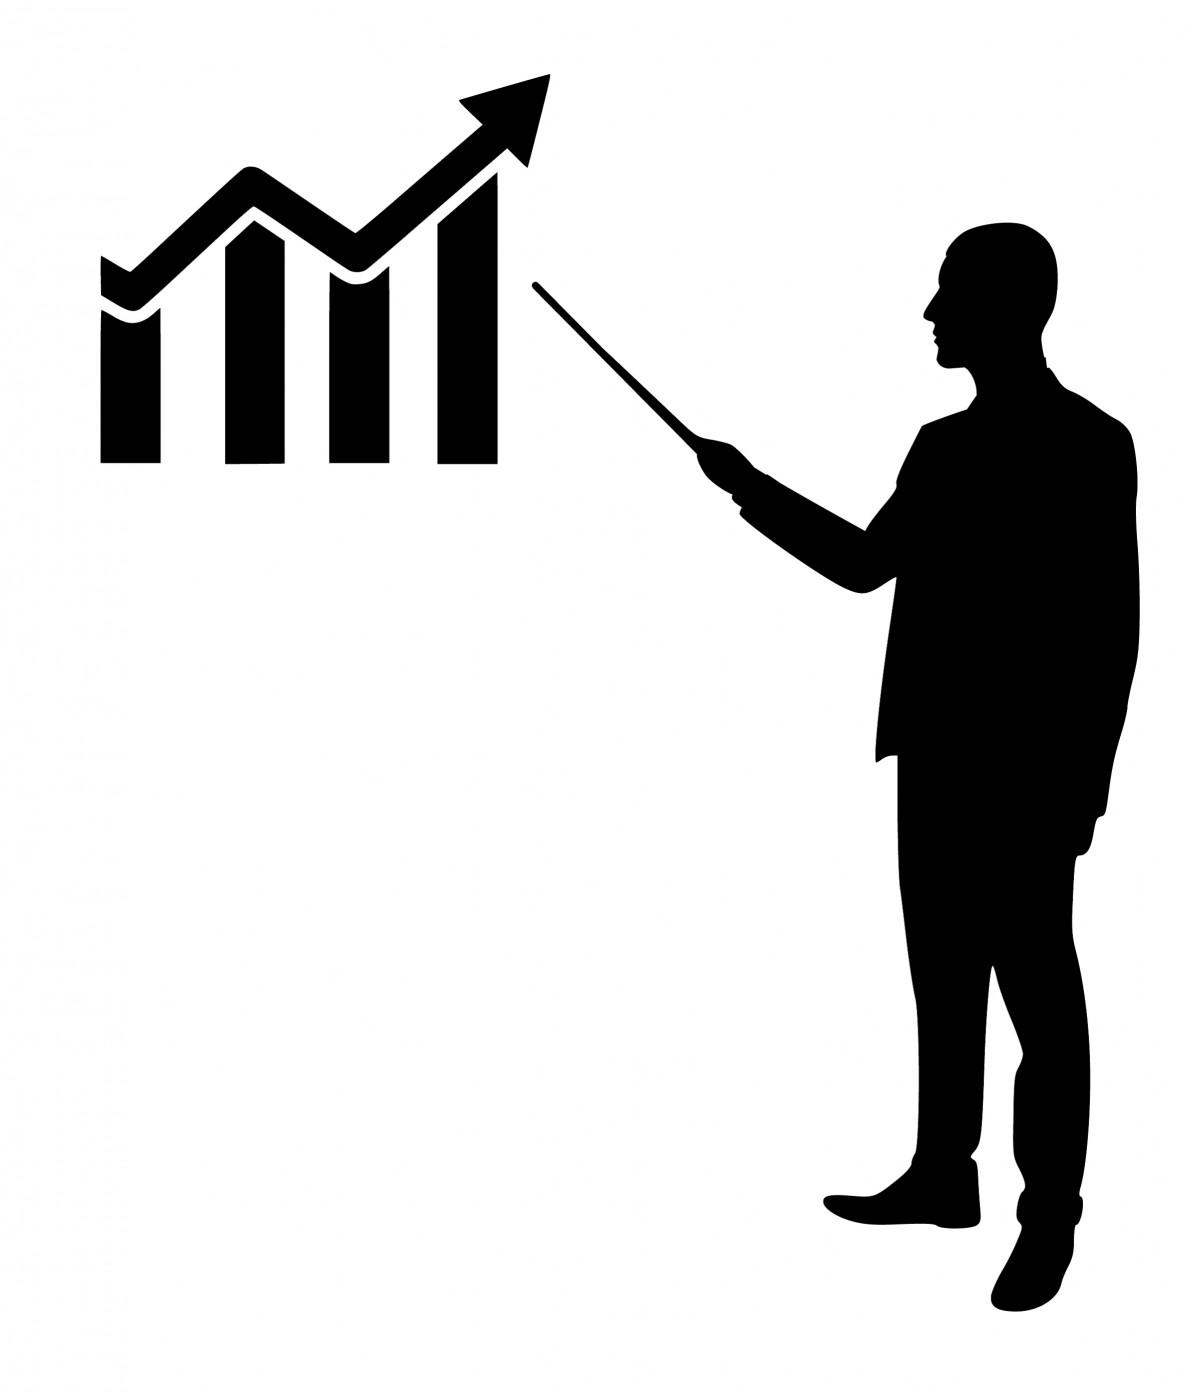 Person Pricing: รูปภาพ : การนำเสนอ, การเงิน, การวางแผน, การประชุม, นัก